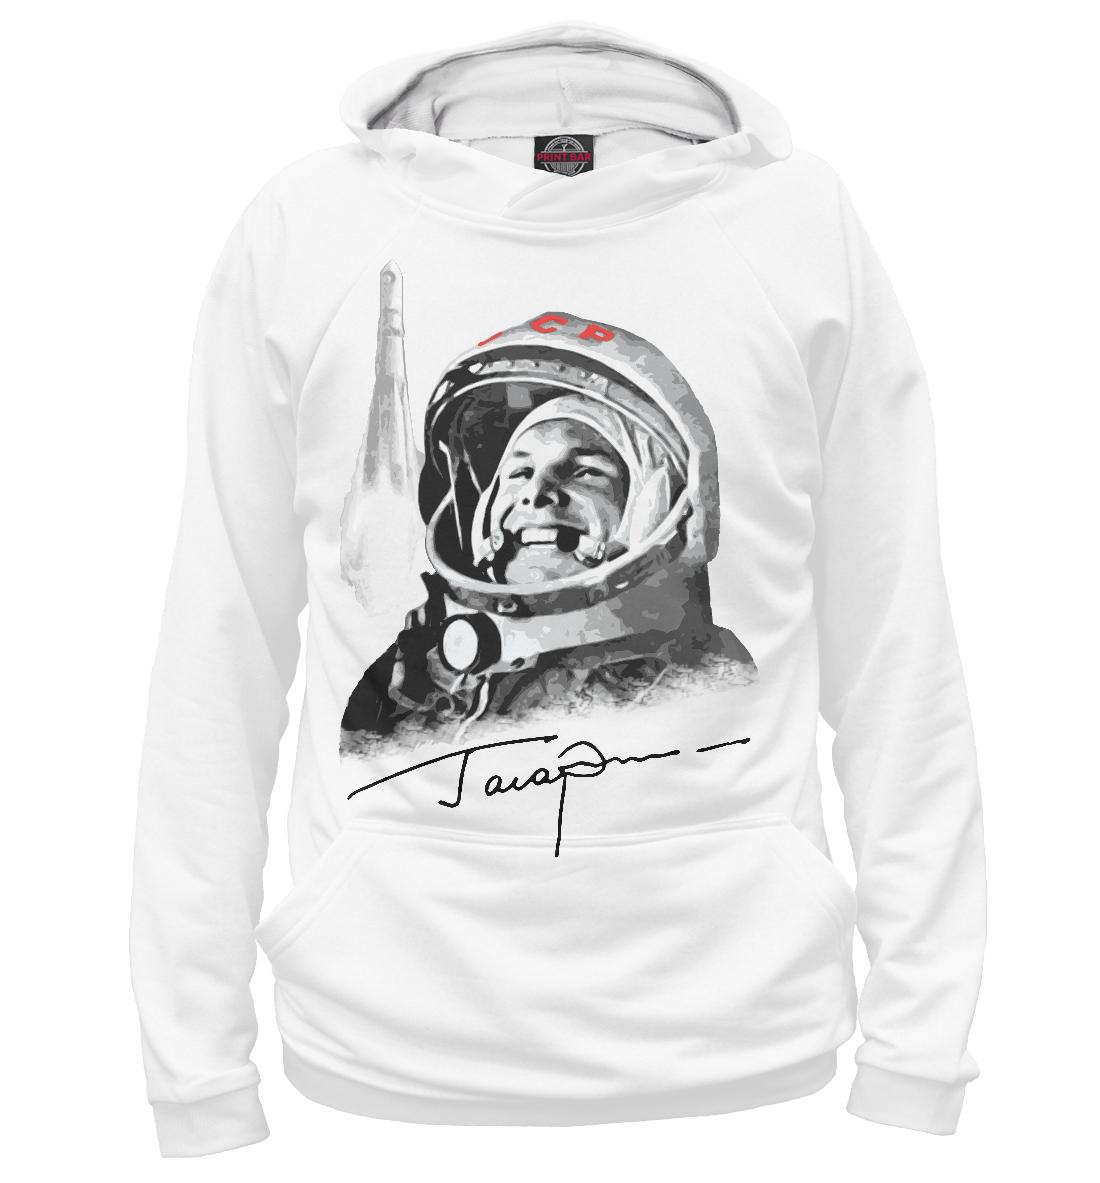 Купить Гагарин, Printbar, Худи, SSS-938685-hud-1